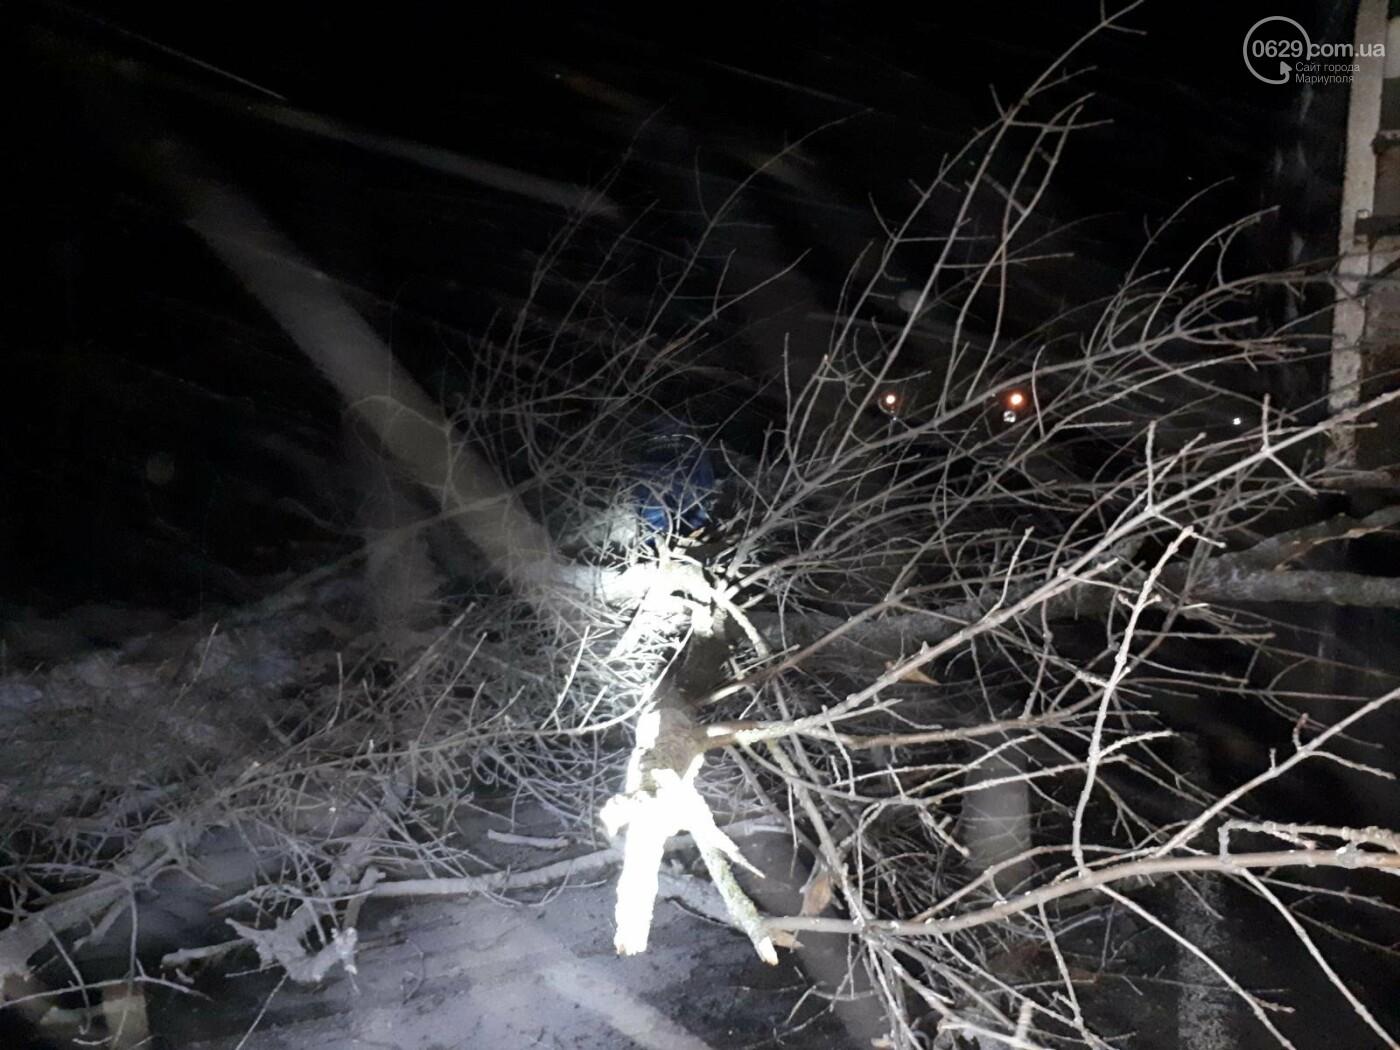 В Мариуполе штормовой ветер обрушил деревья на автомобили, - ФОТО, фото-1